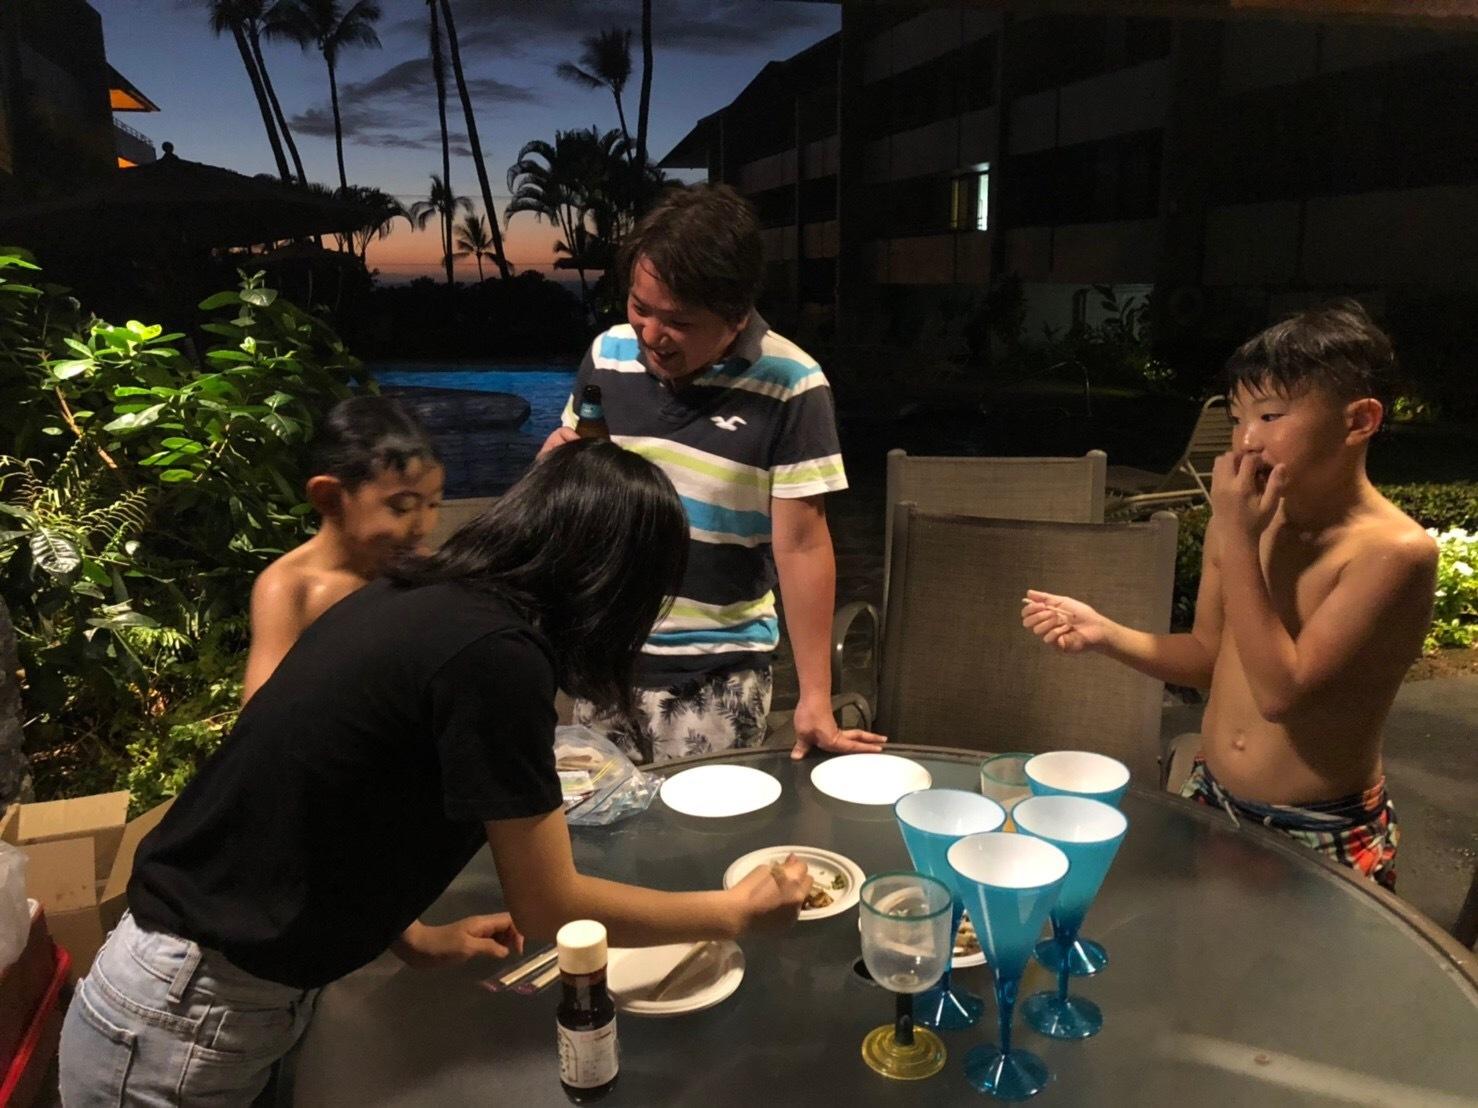 2019お正月ハワイ島へ!~コナホワイトサンドコンドミニアム~_f0011498_15232915.jpg